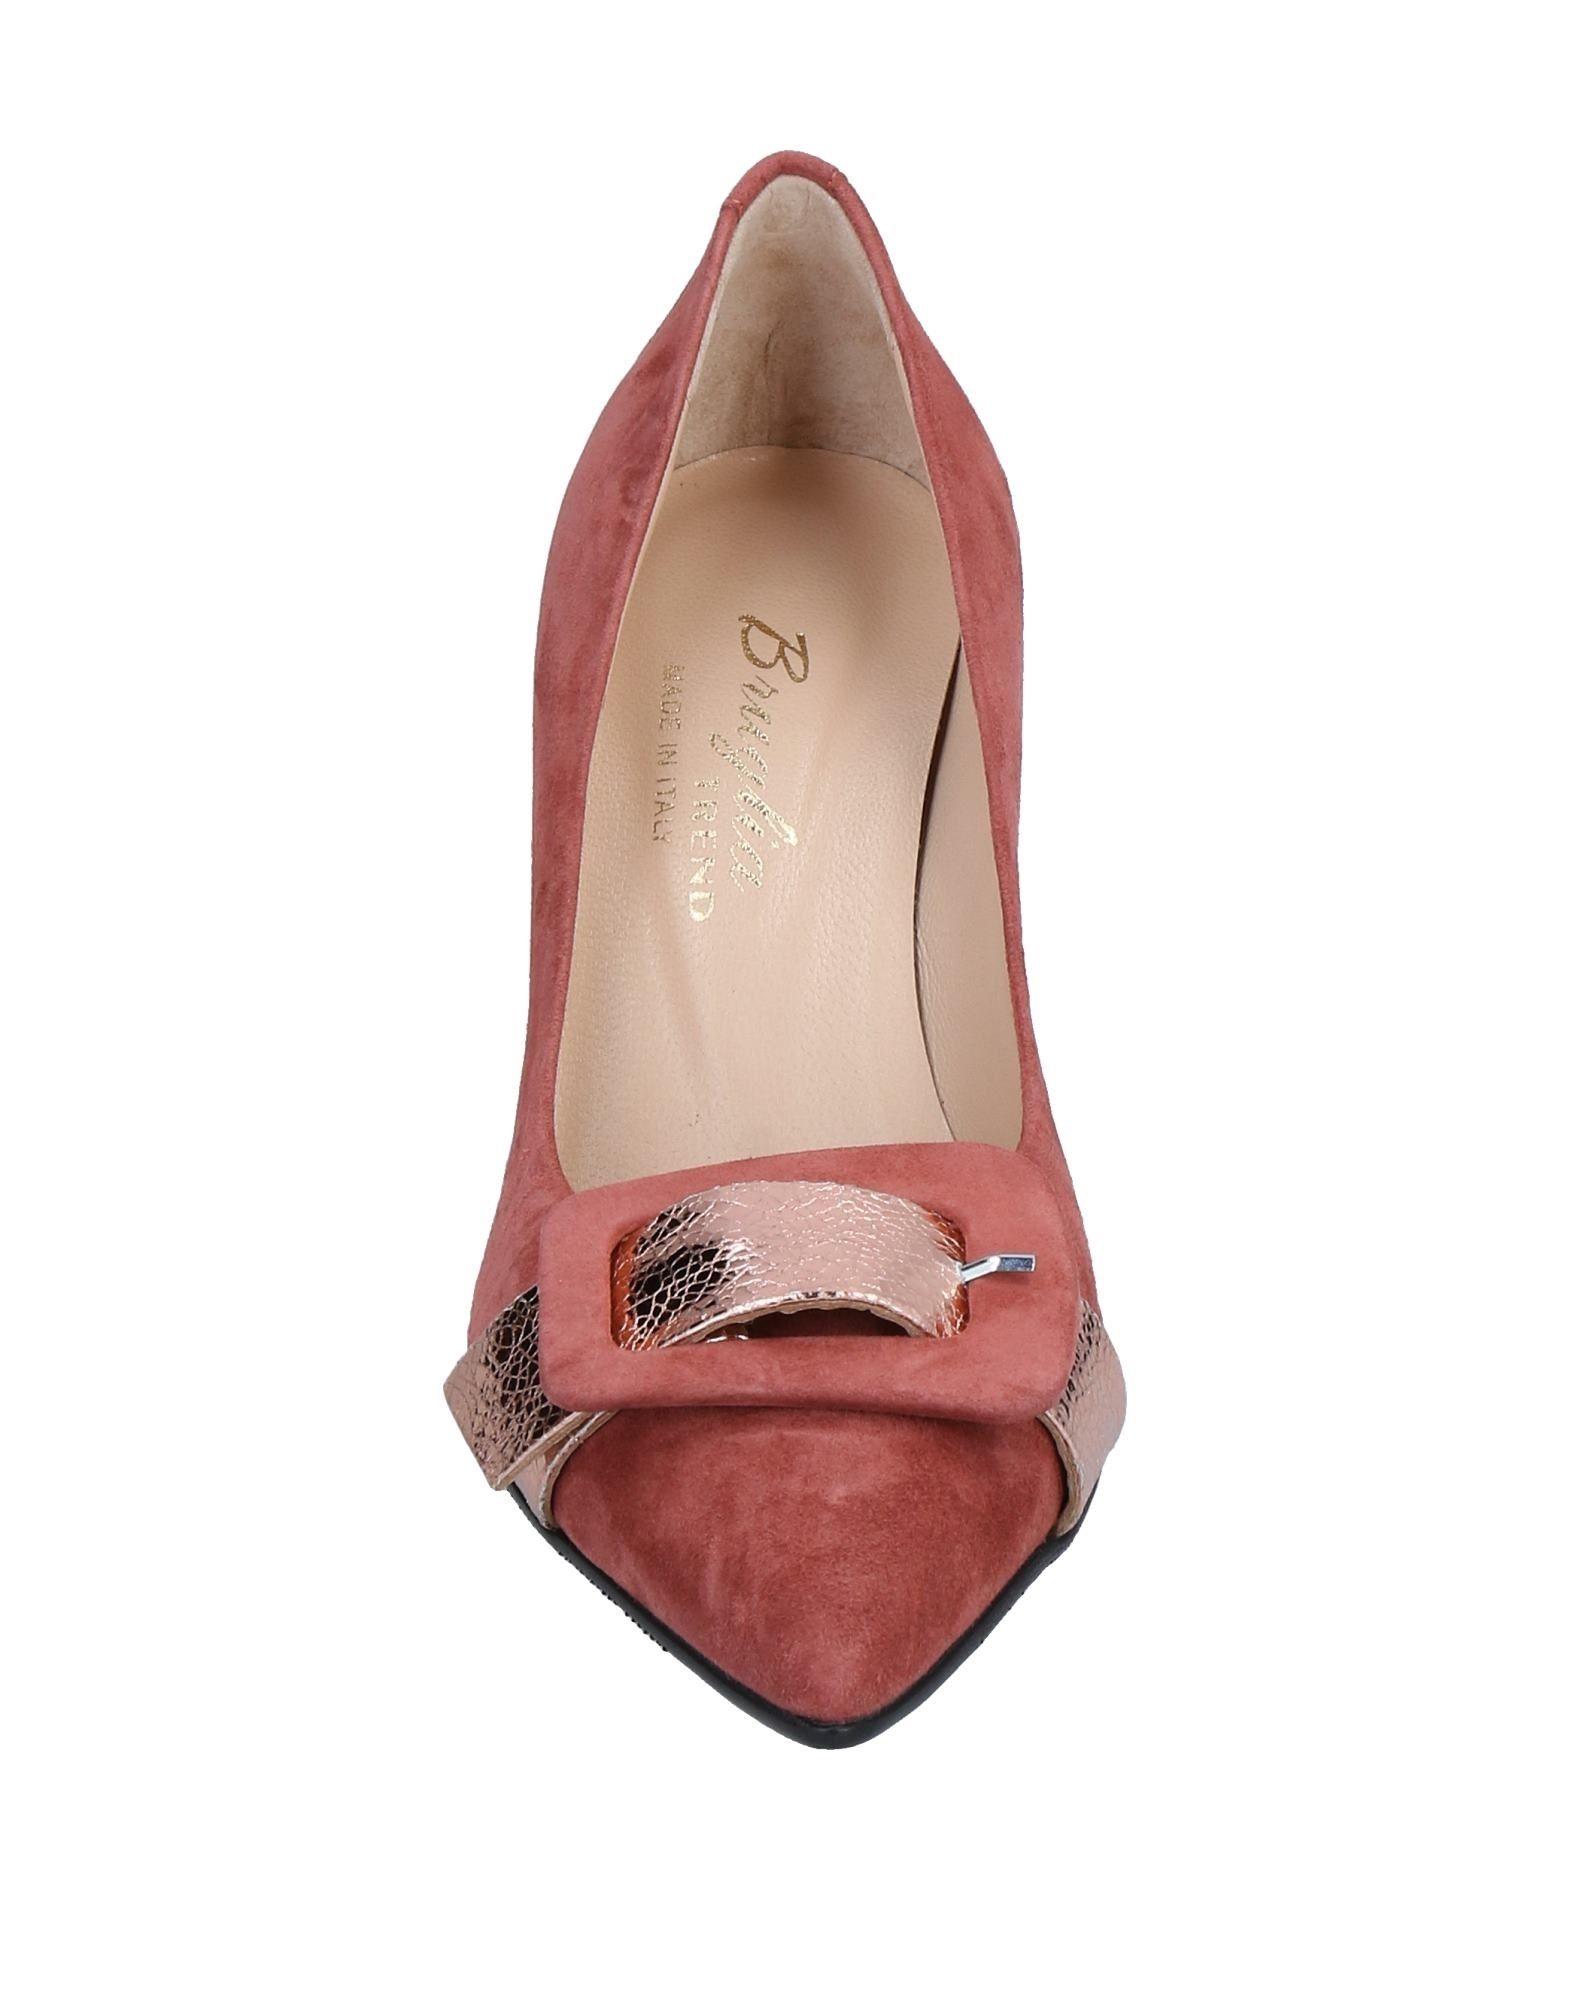 F.Lli Bruglia Pumps Damen  11520315TGGut aussehende strapazierfähige Schuhe